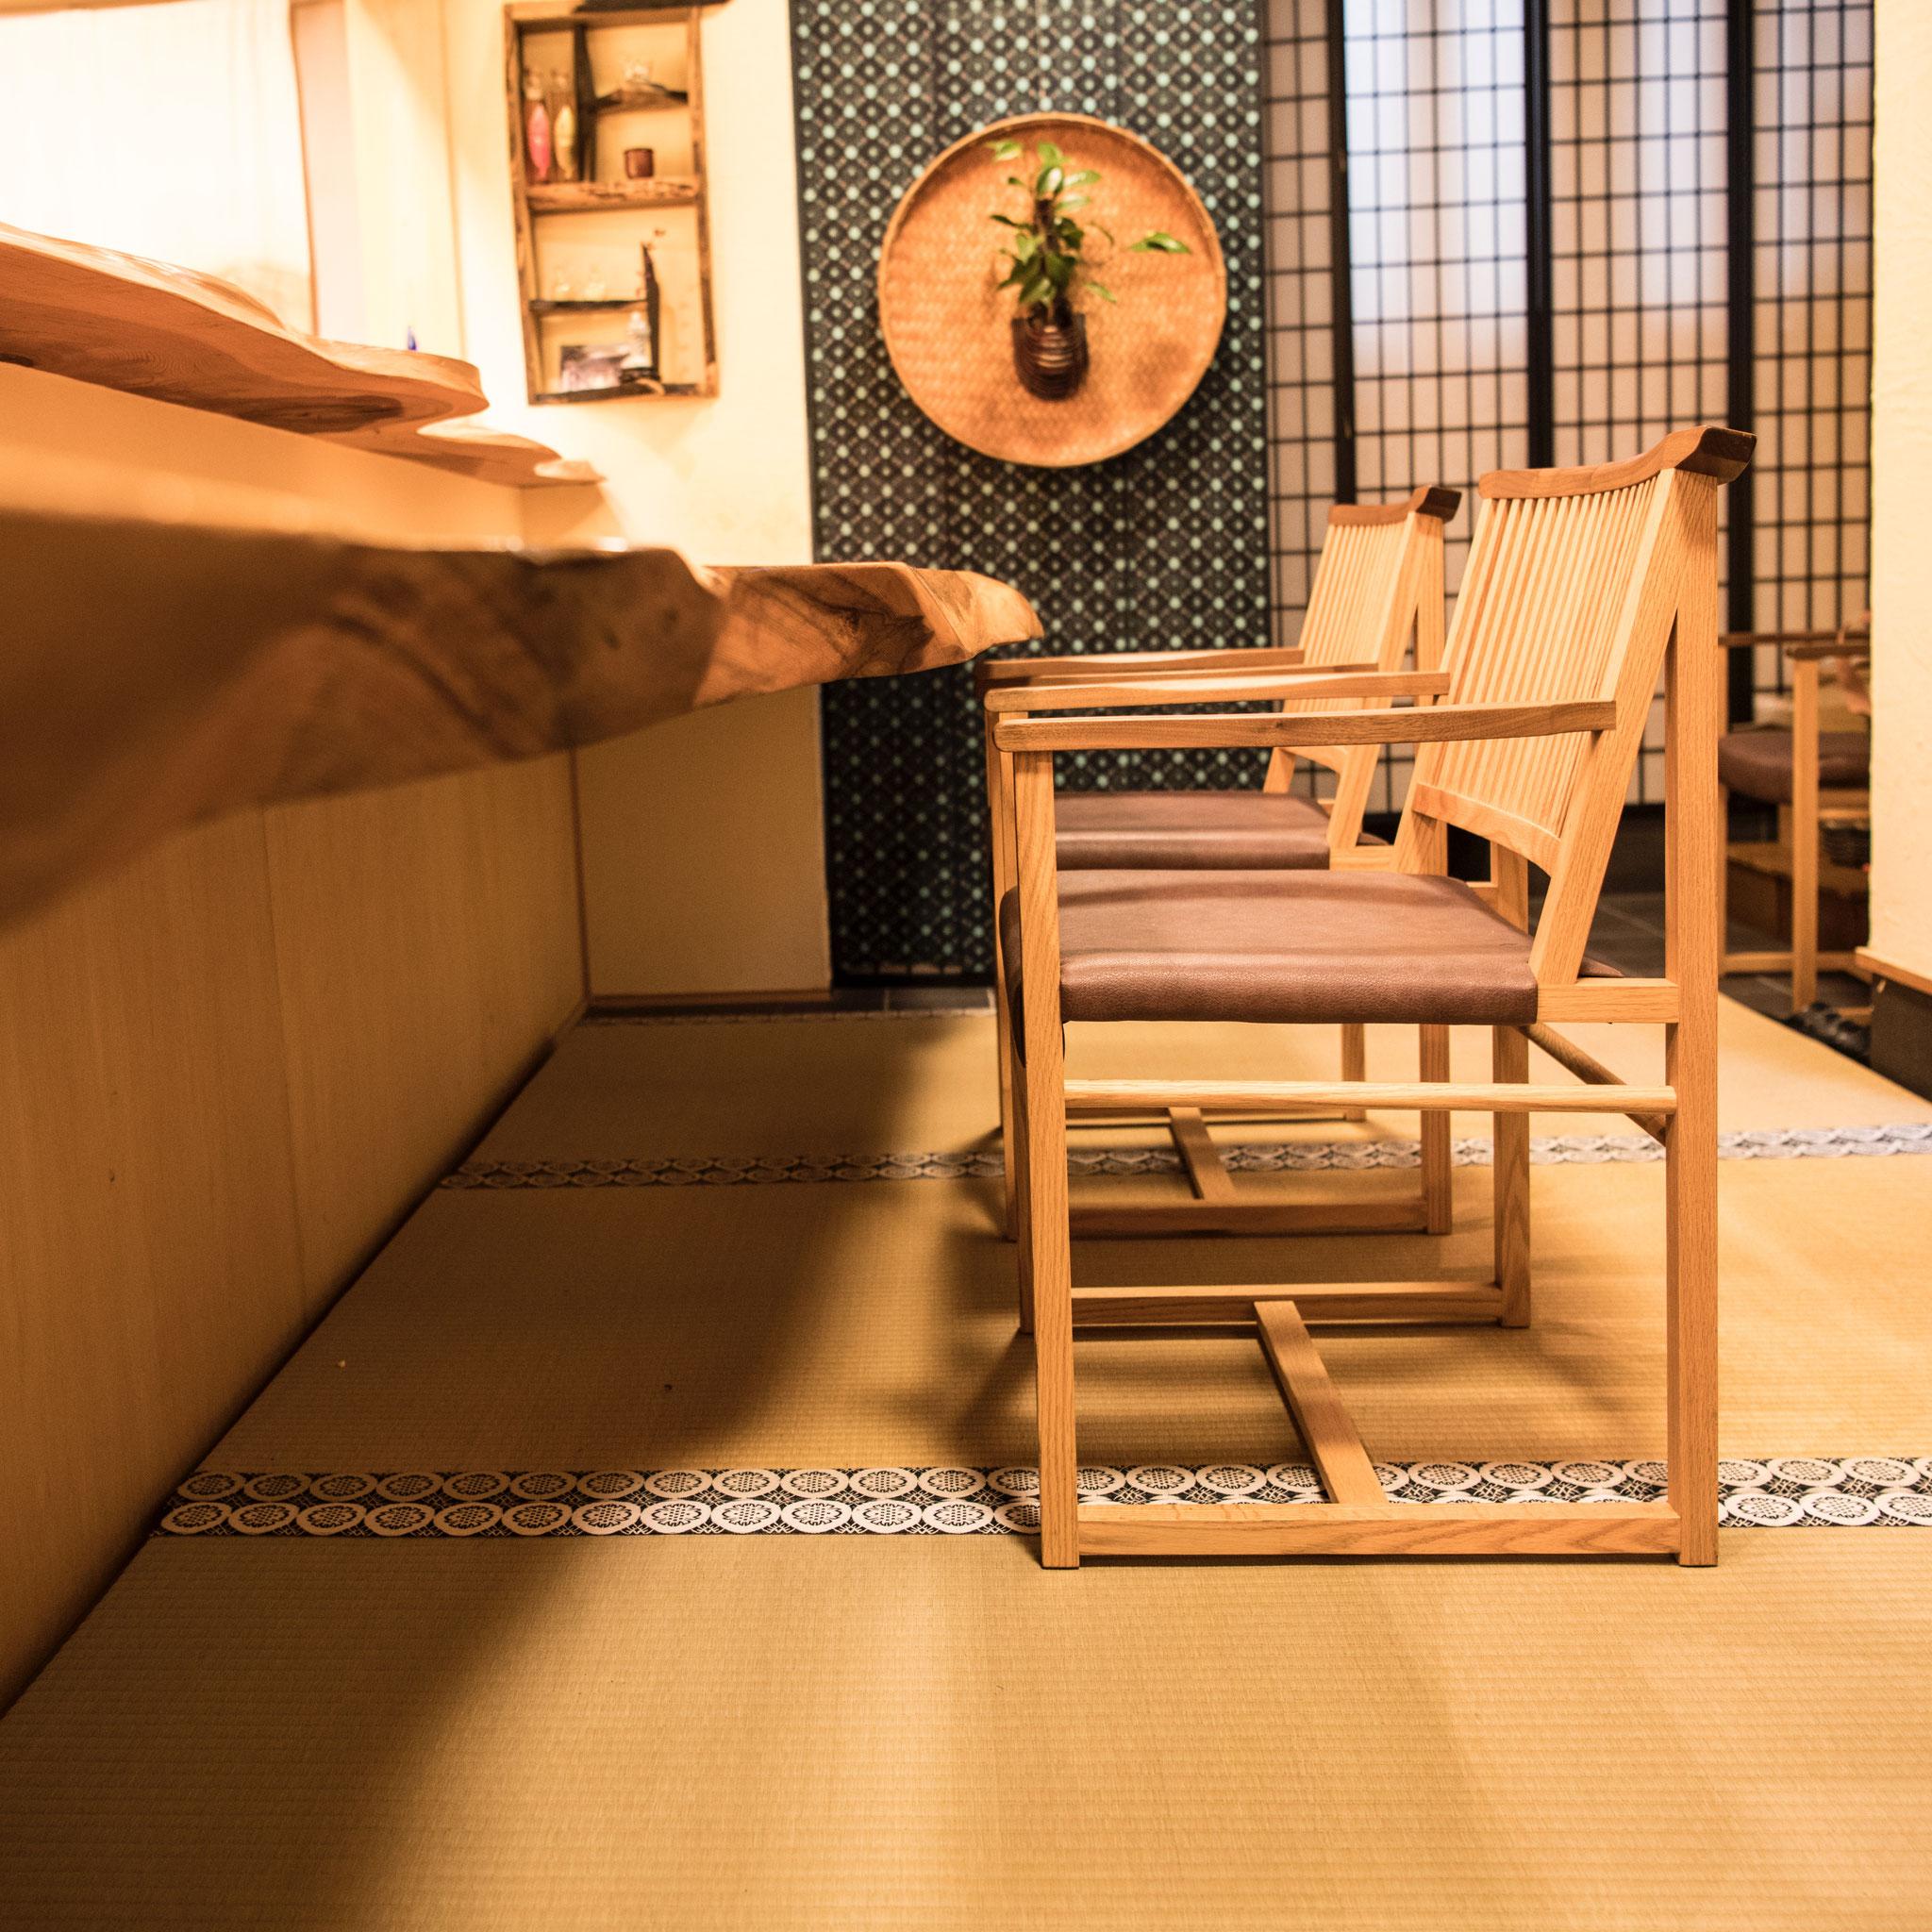 無垢材を用い、高山の熟練職人が釘を一切使用せず仕上げ『真に日本が生み出したオリジナルデザイン』がコンセプトの椅子。